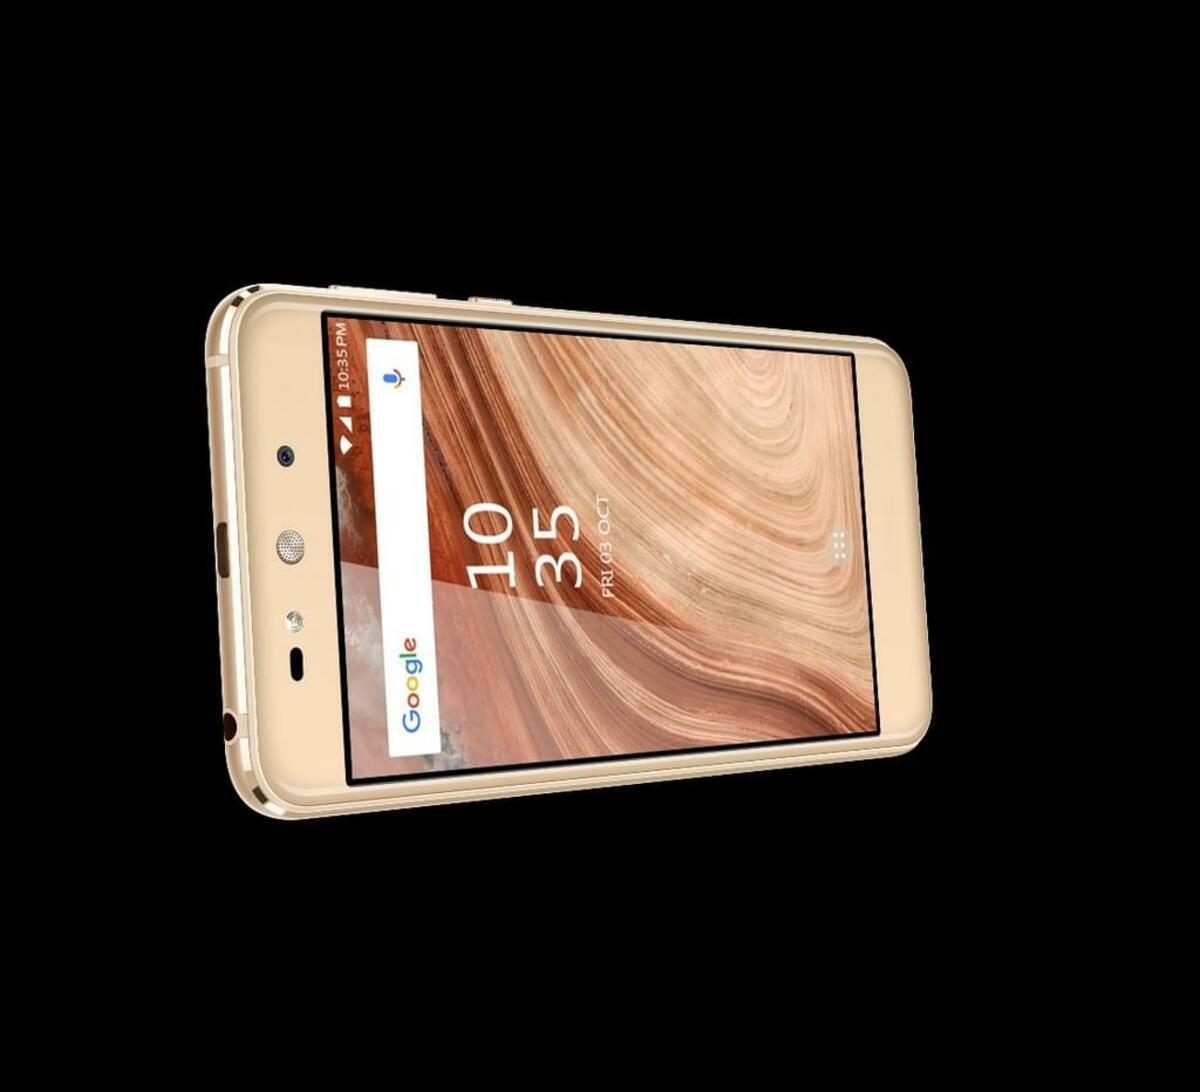 Bild 3 von Blaupunkt SL02 Smartphone in Gold